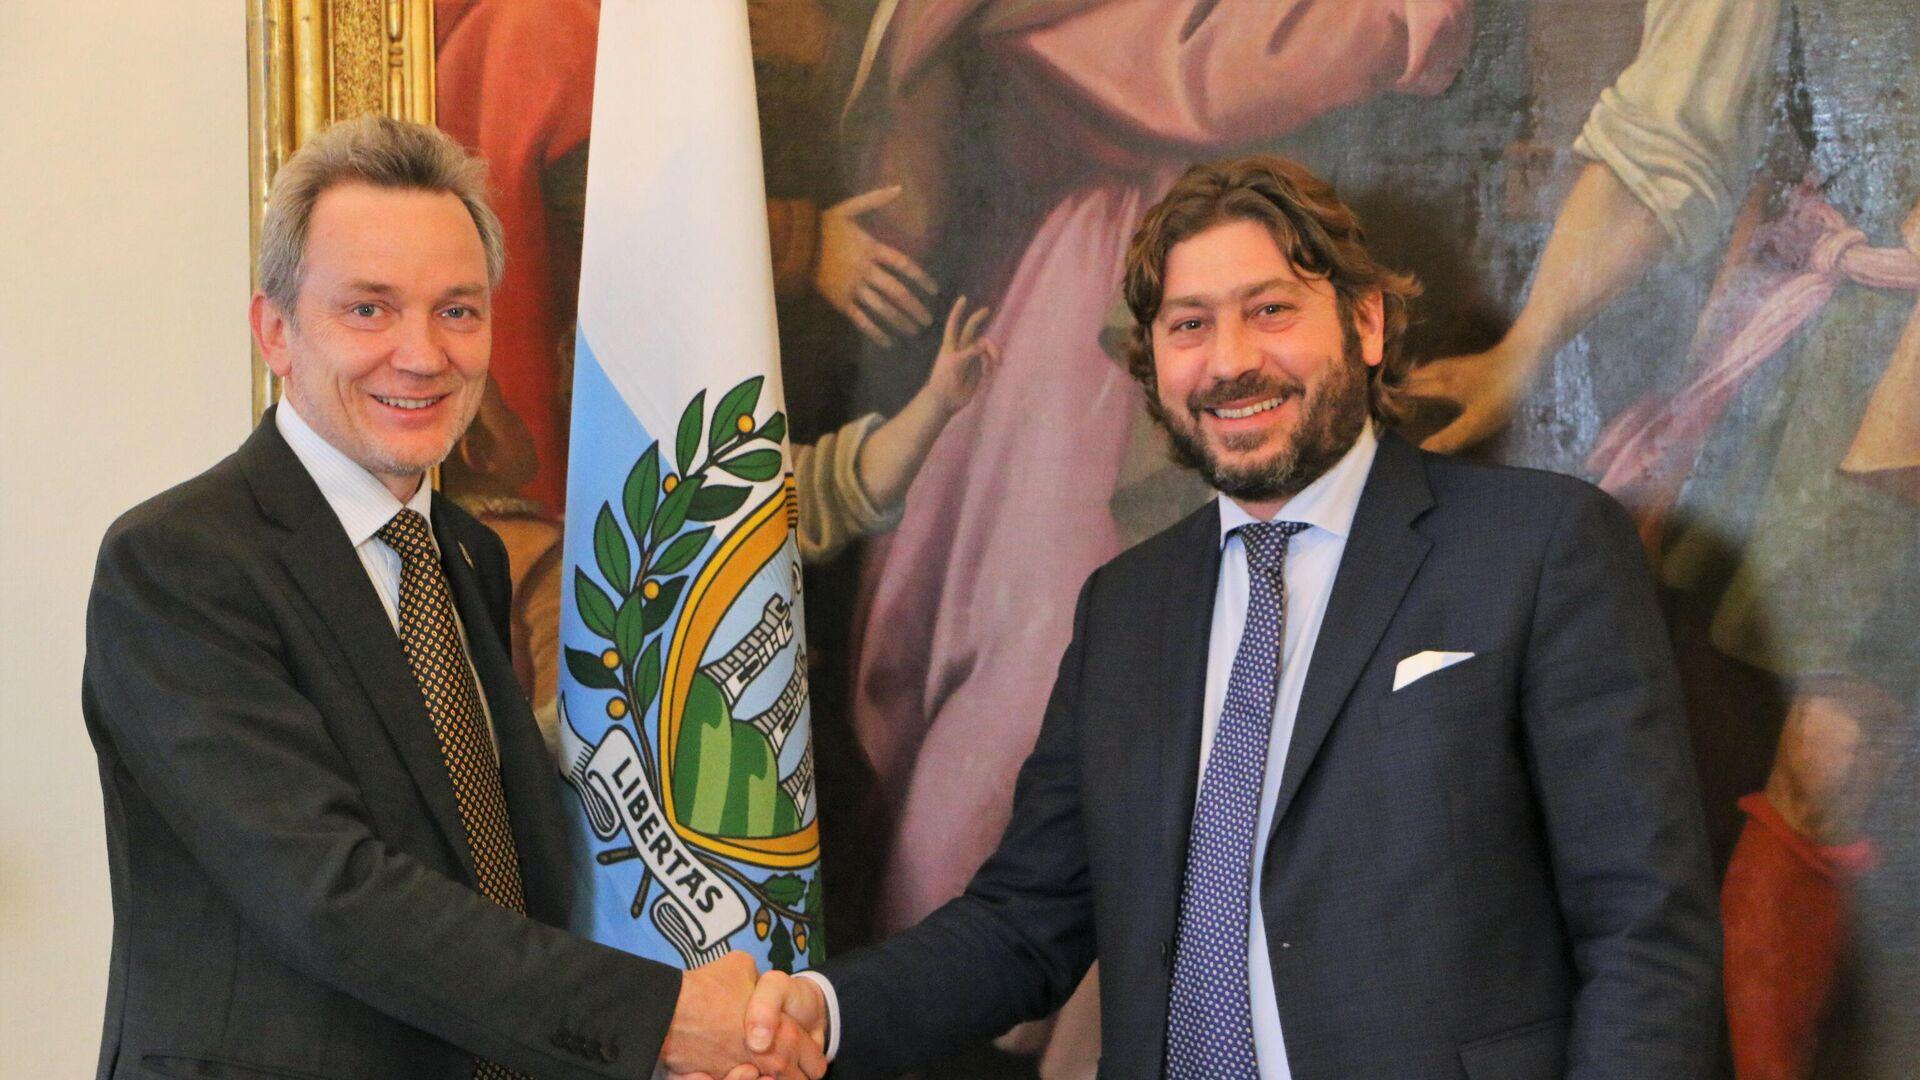 Evgeny Utkin con il ministro del turismo della Repubblica di San Marino, Federico Pedini Amati - Sputnik Italia, 1920, 02.06.2021